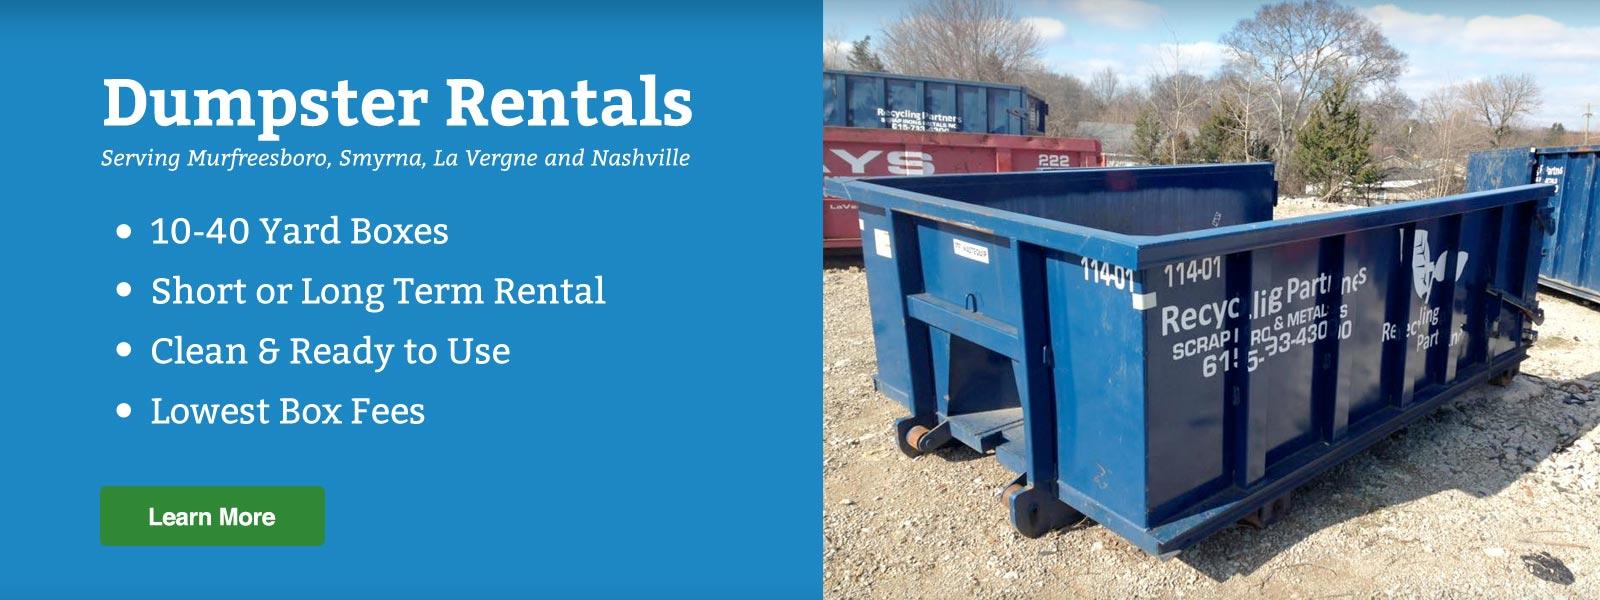 dumpster rental murfreesboro nashville